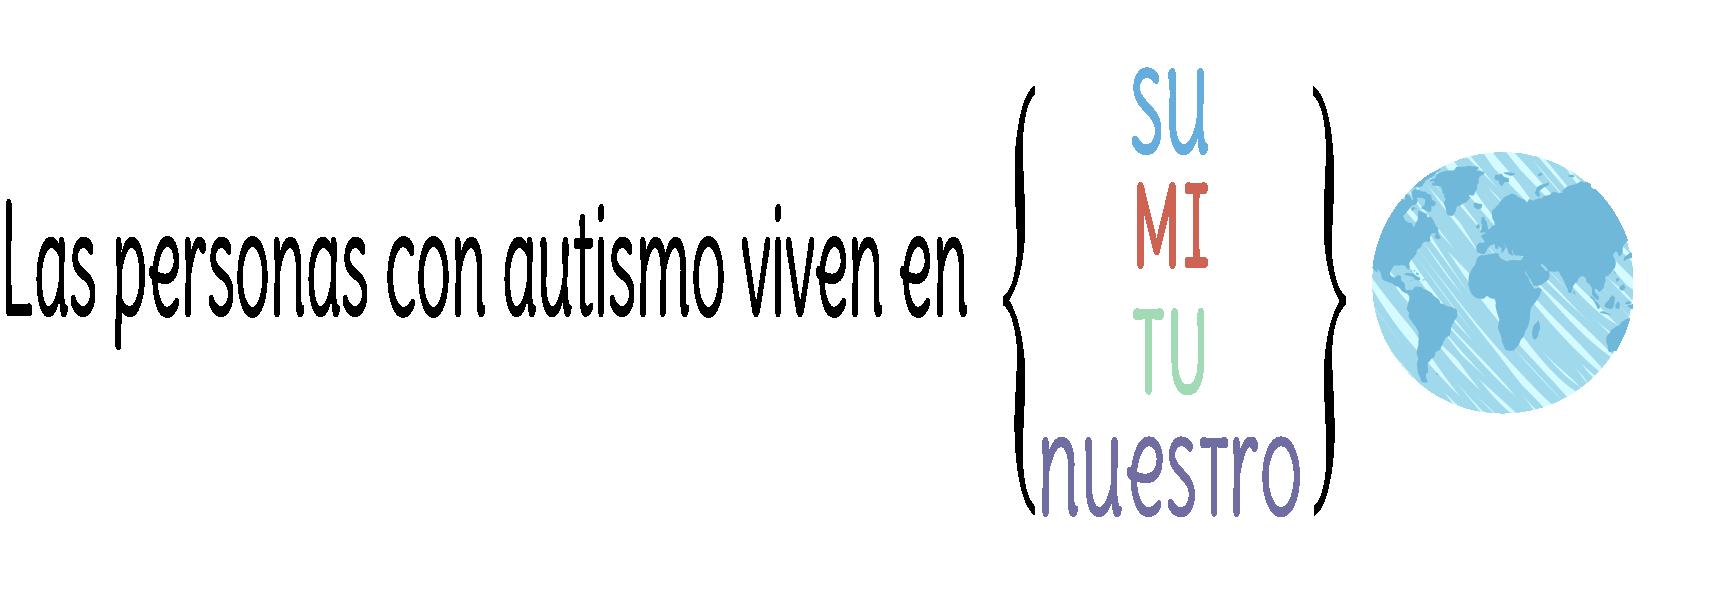 2 De Abril Día Mundial De Concienciación Del Autismo